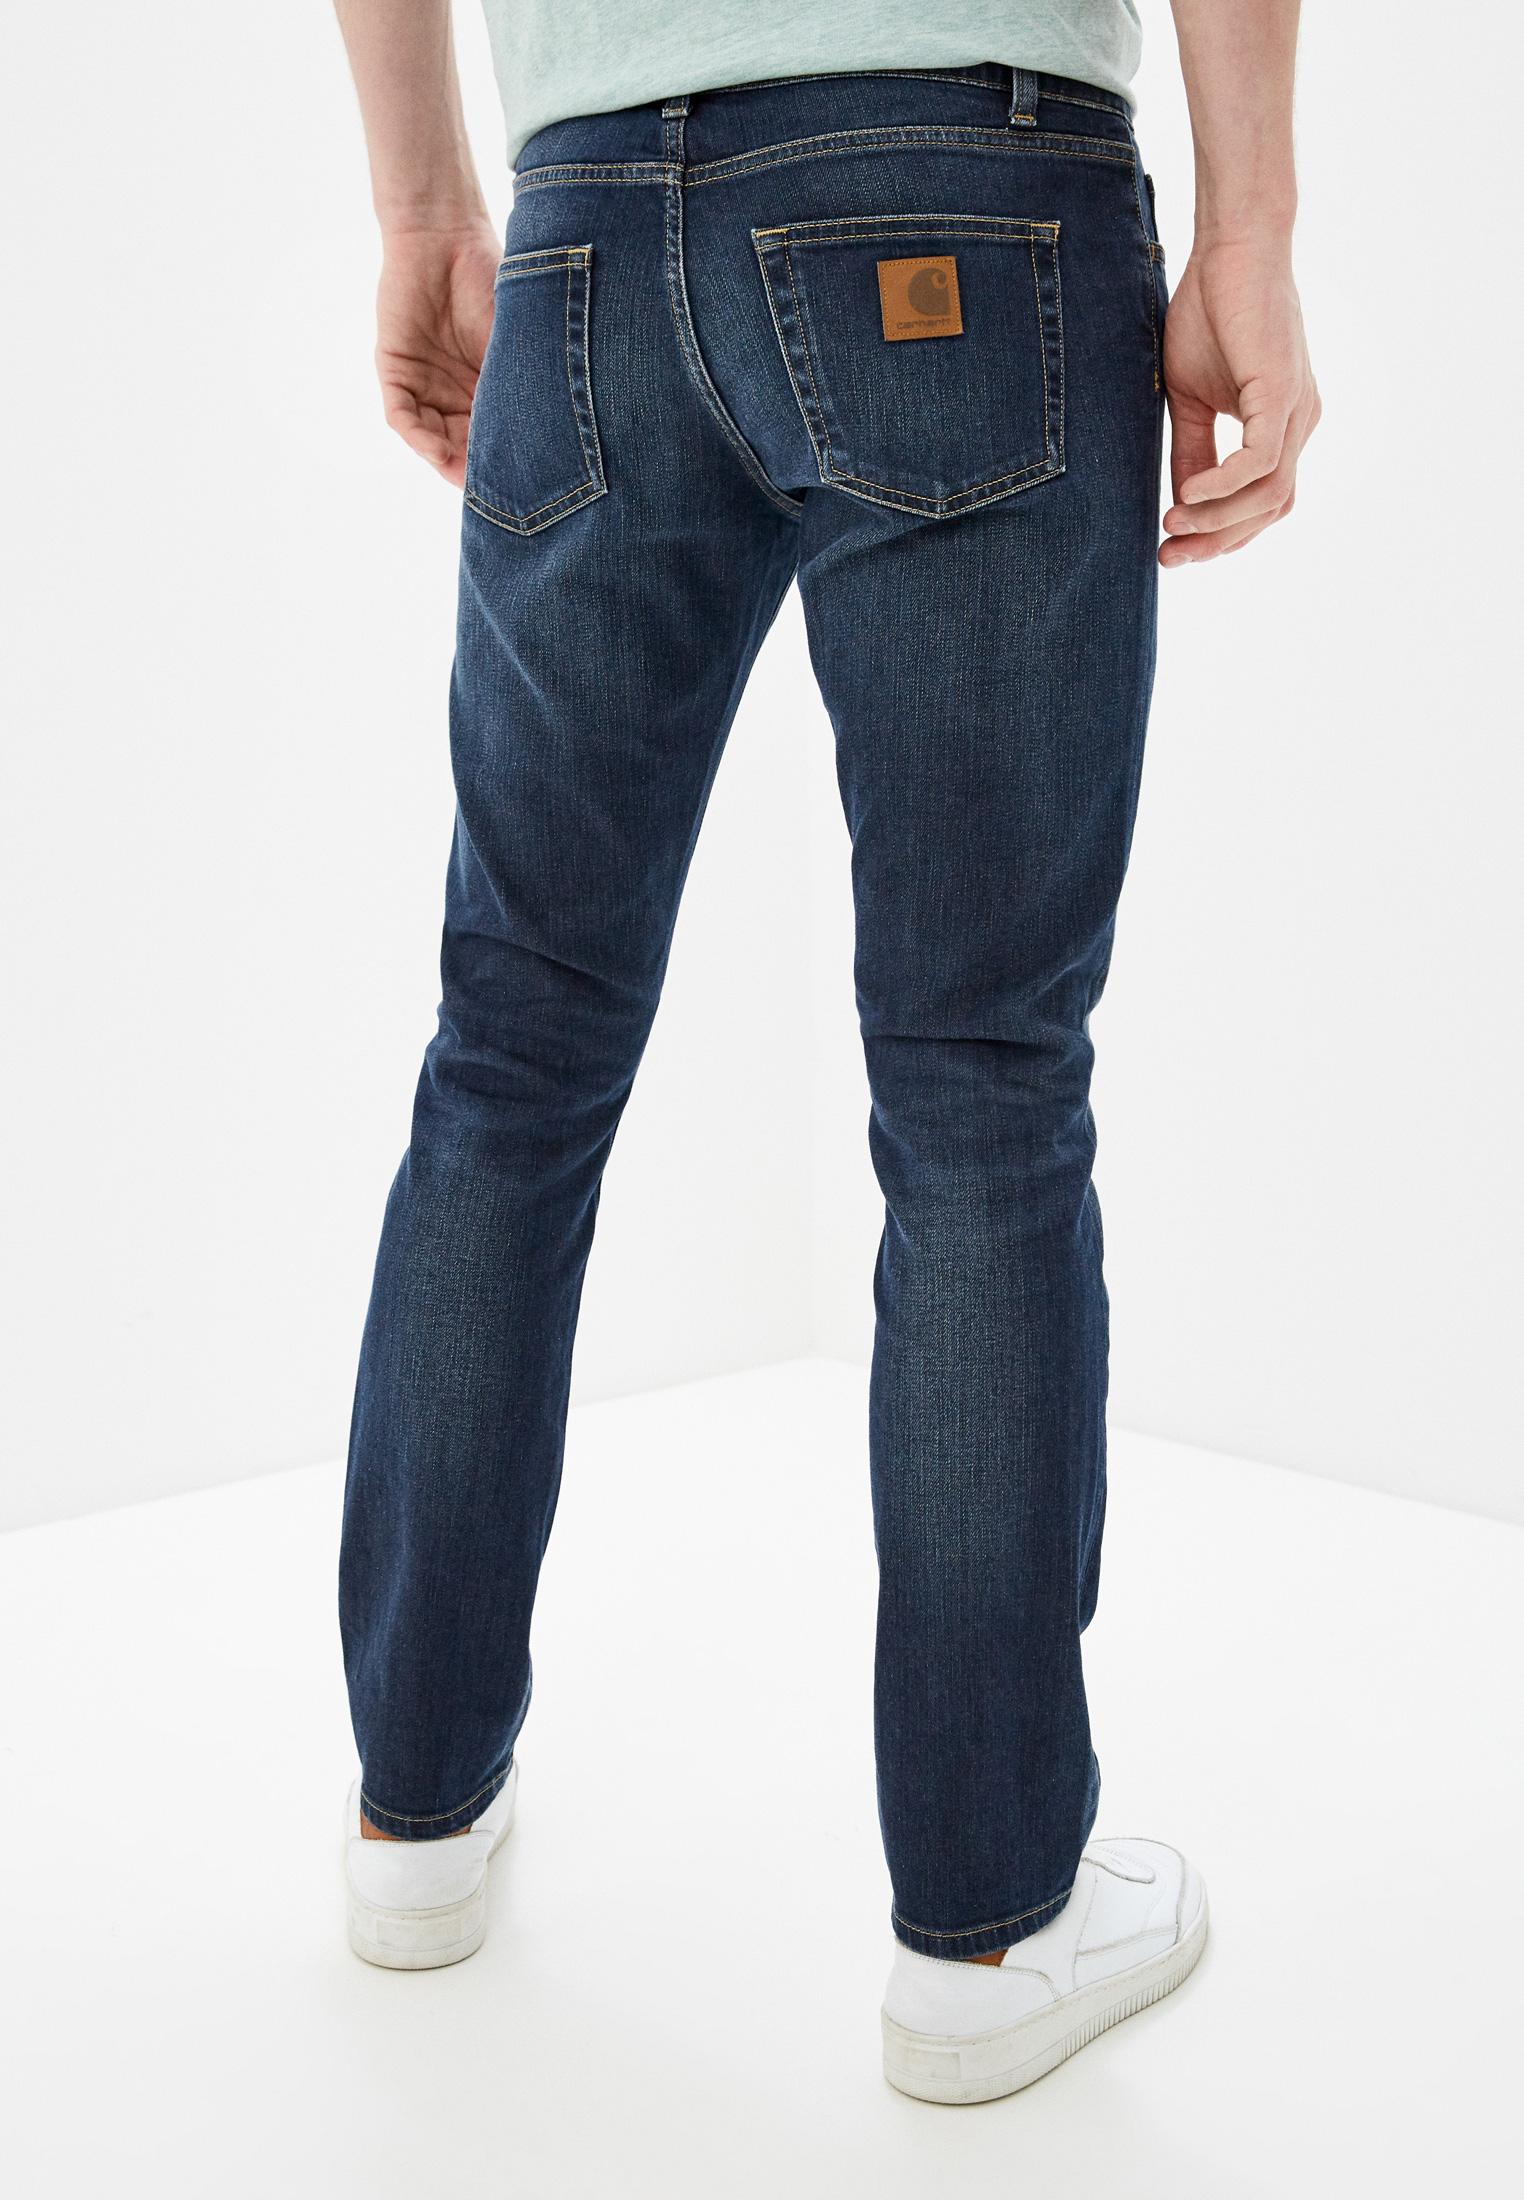 Зауженные джинсы Carhartt WIP I015331: изображение 3